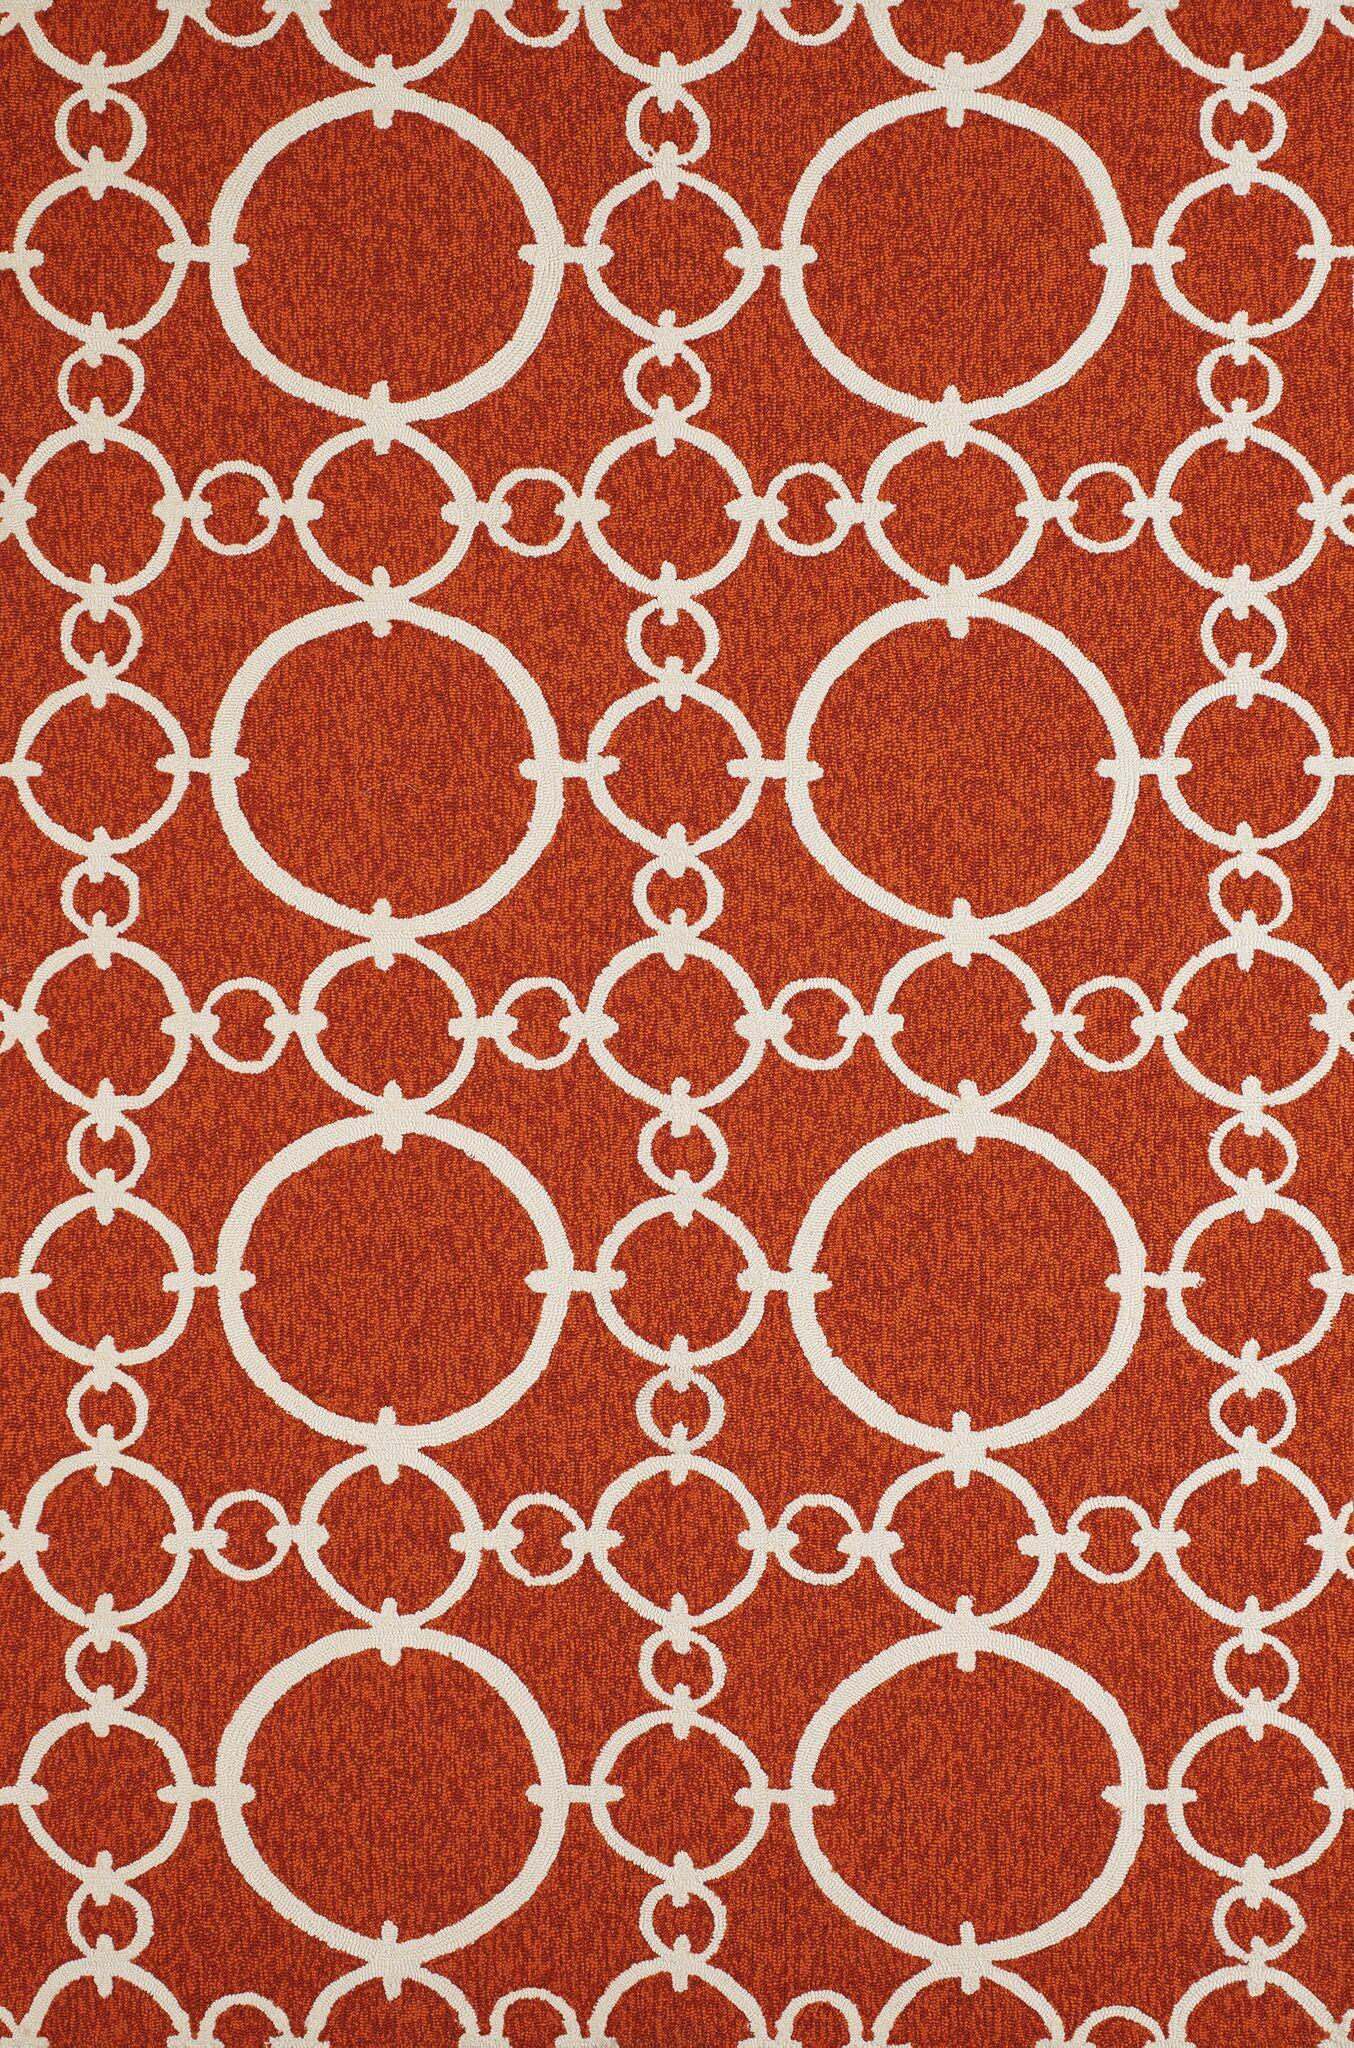 Chainweaver Hand-Woven Terracotta Indoor/Outdoor Area Rug Rug Size: 5' x 7'6